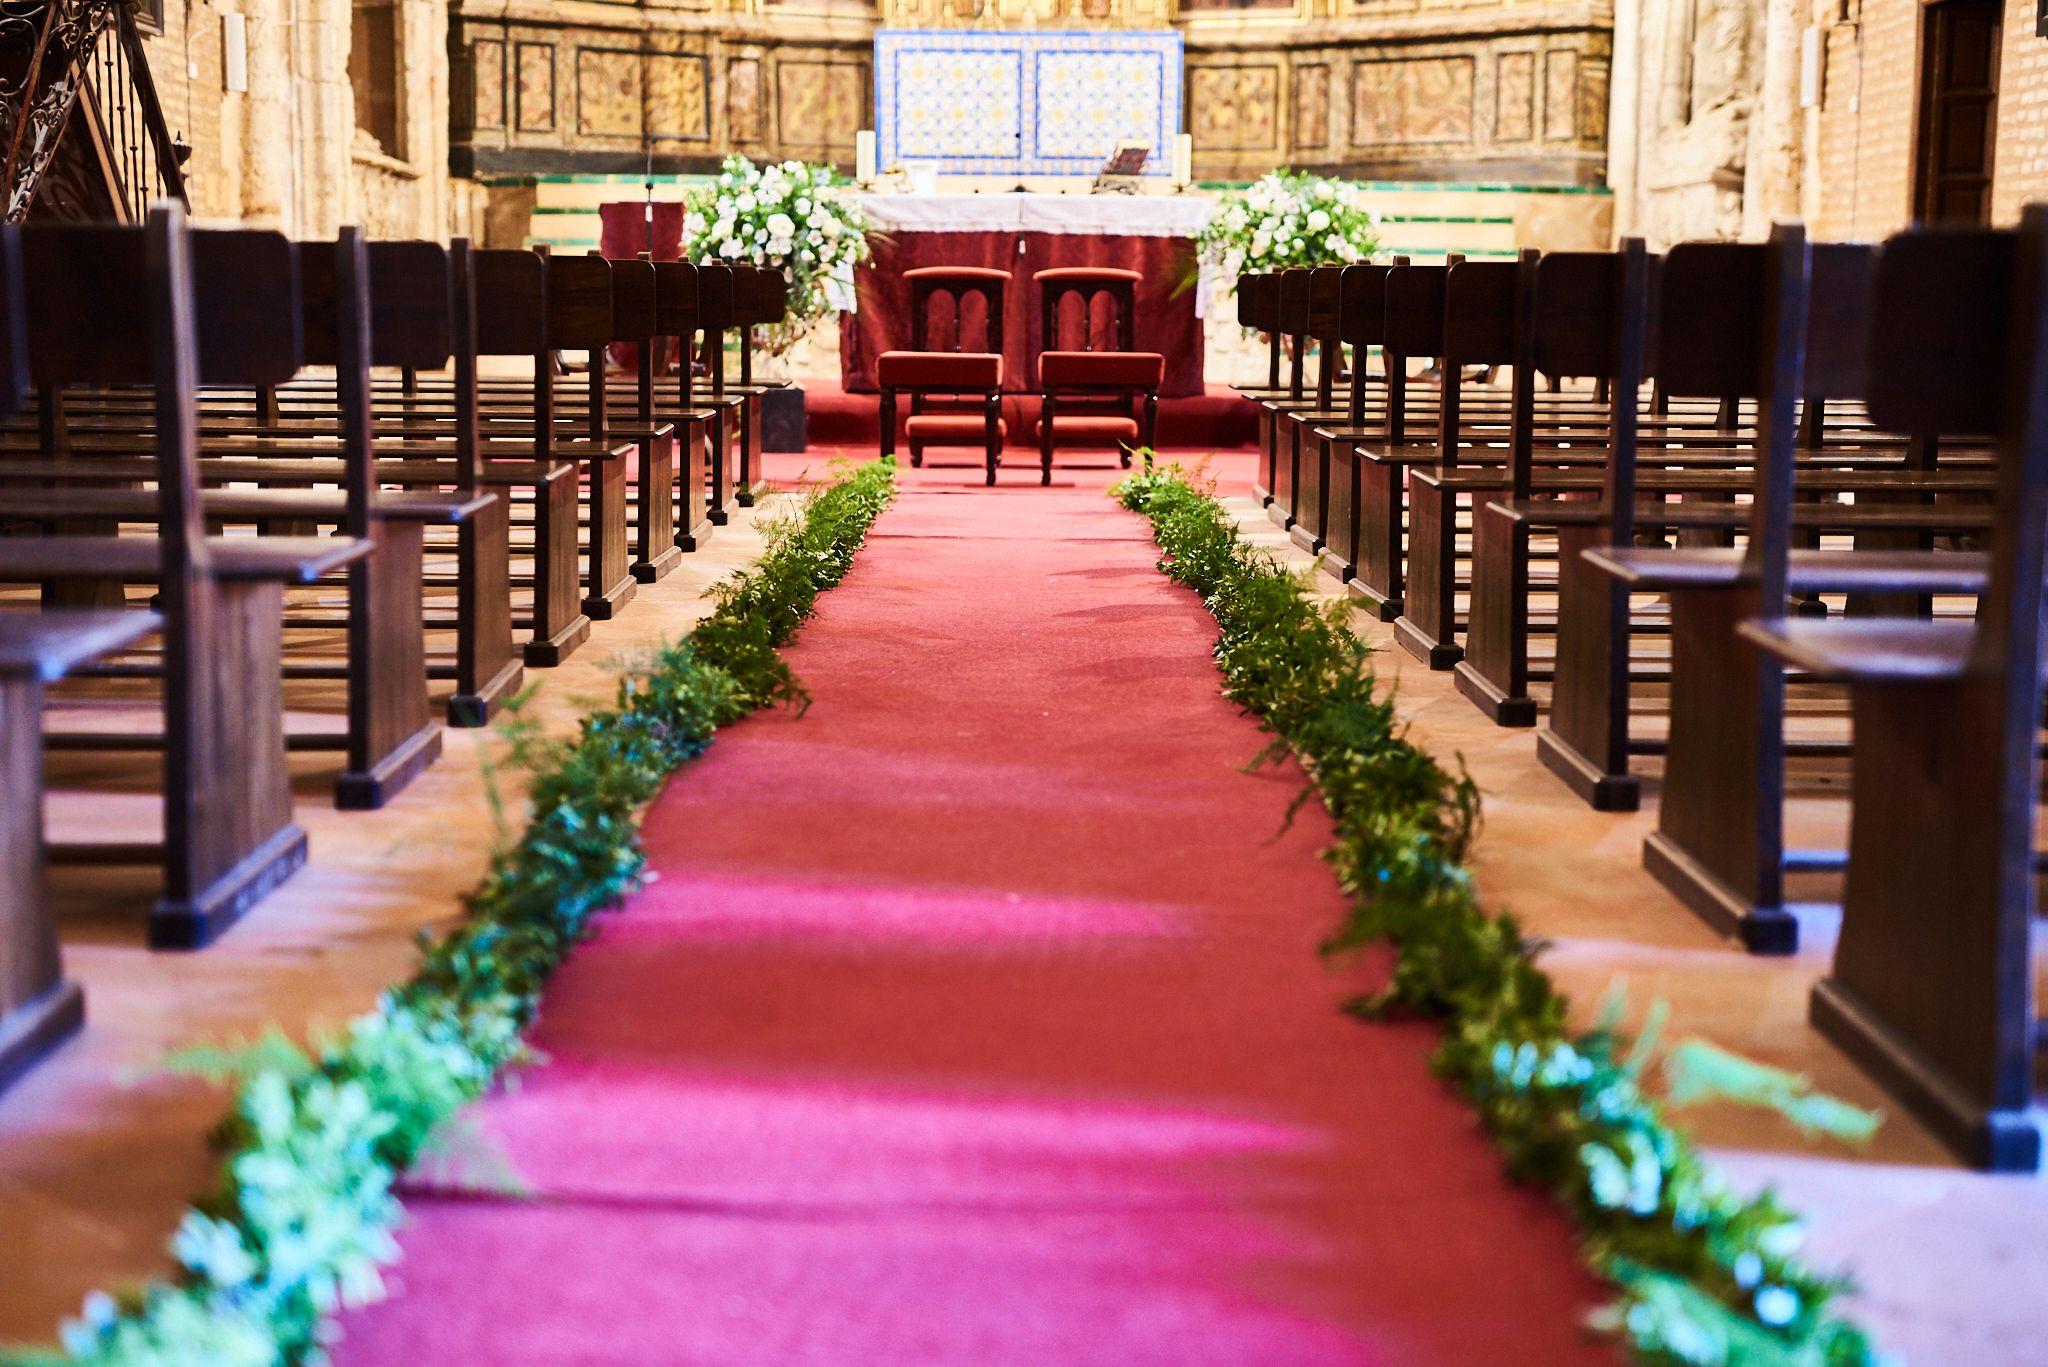 La-22Destination-Wedding22-en-Moguer-de-Lauren-y-JosC3A9-Antonio-JoseAntonio-alejandromarmol0778.jpg